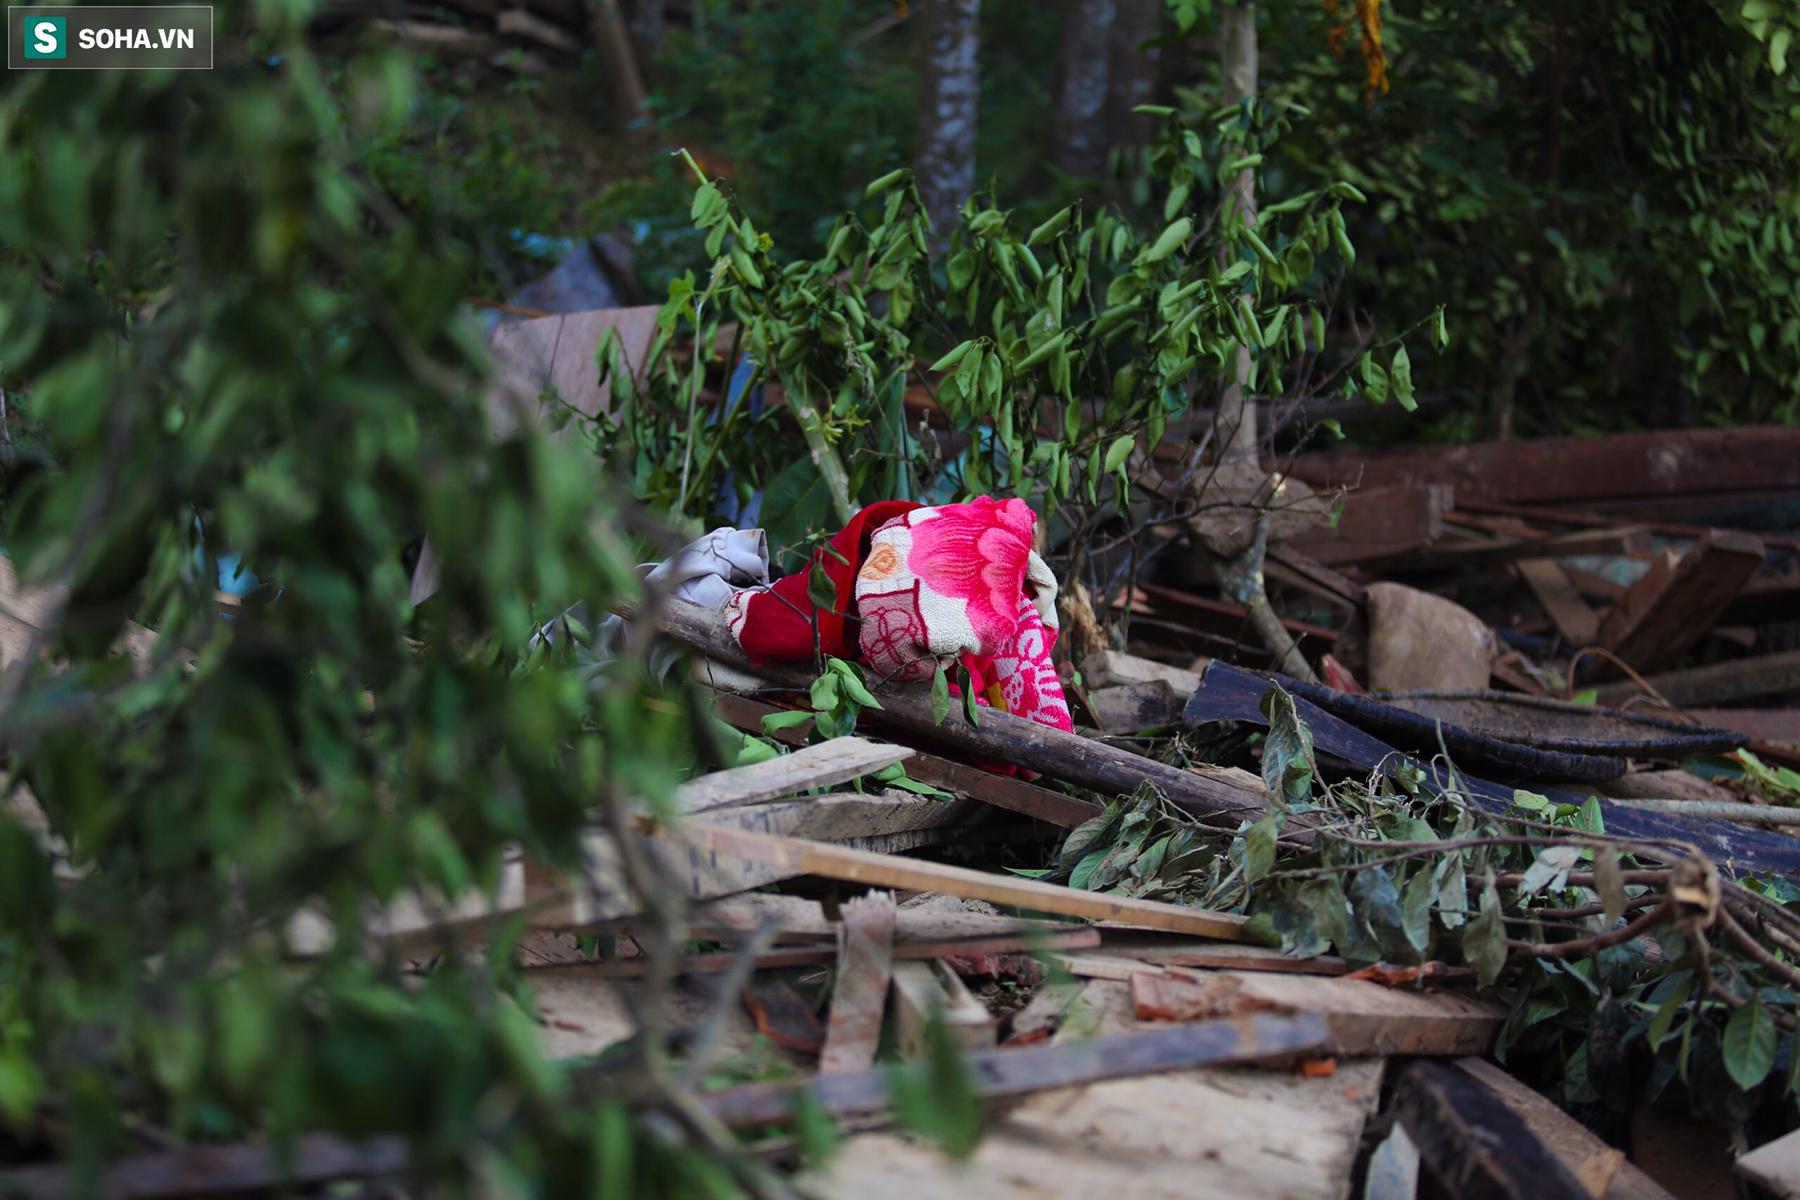 [Ảnh] Những thứ còn sót lại dưới đống hoang tàn ở vụ sạt lở Trà Leng sau 48 giờ tìm kiếm - Ảnh 7.